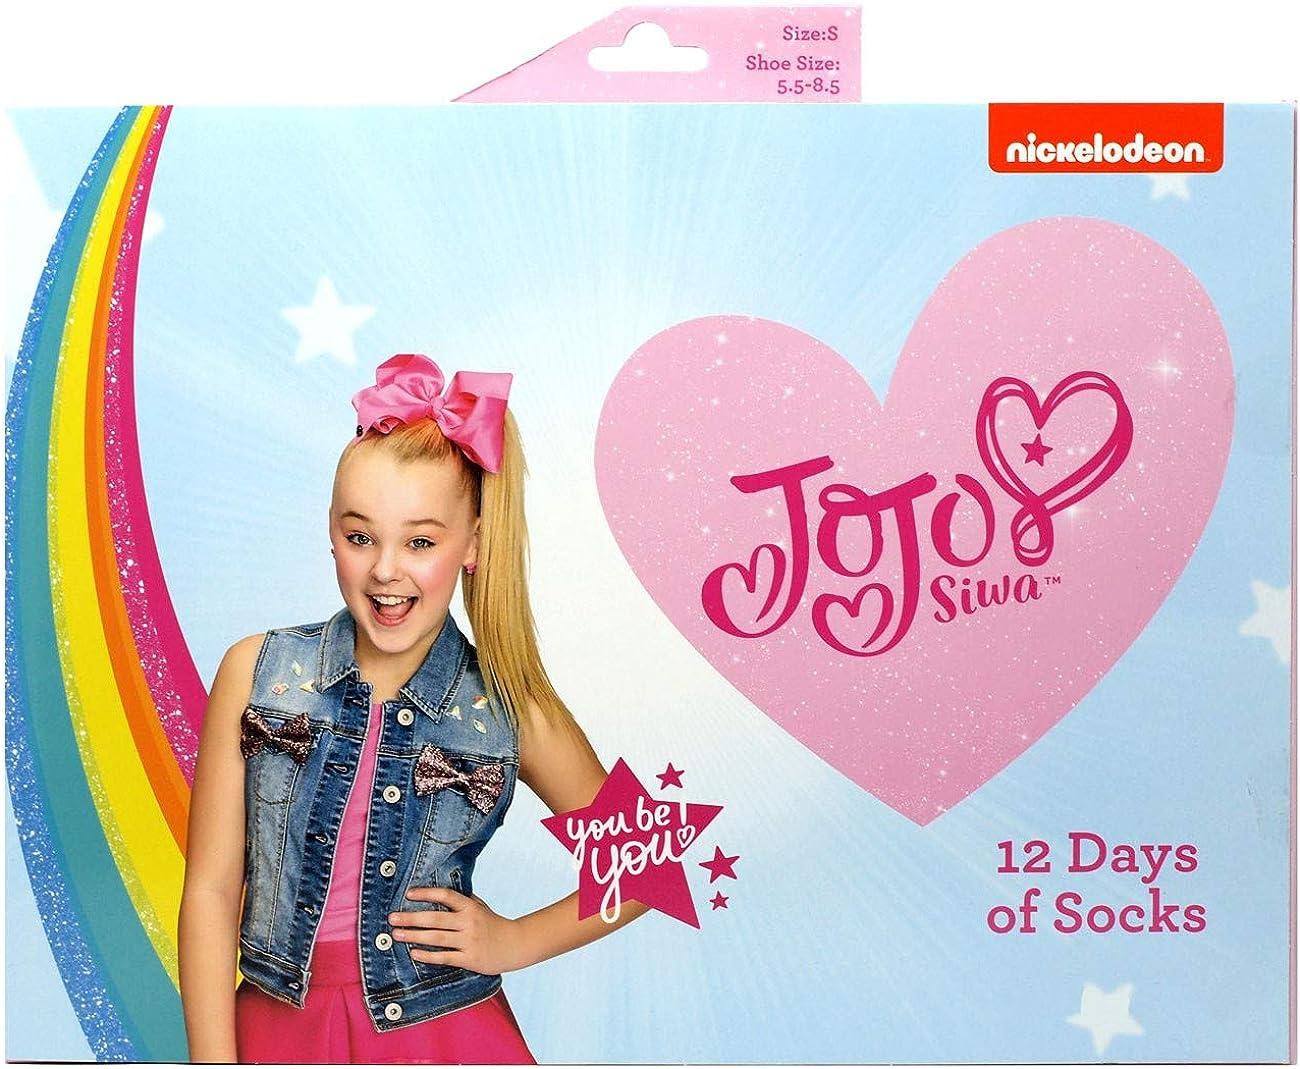 12 Days of Socks JoJo Siwa, Kids Size